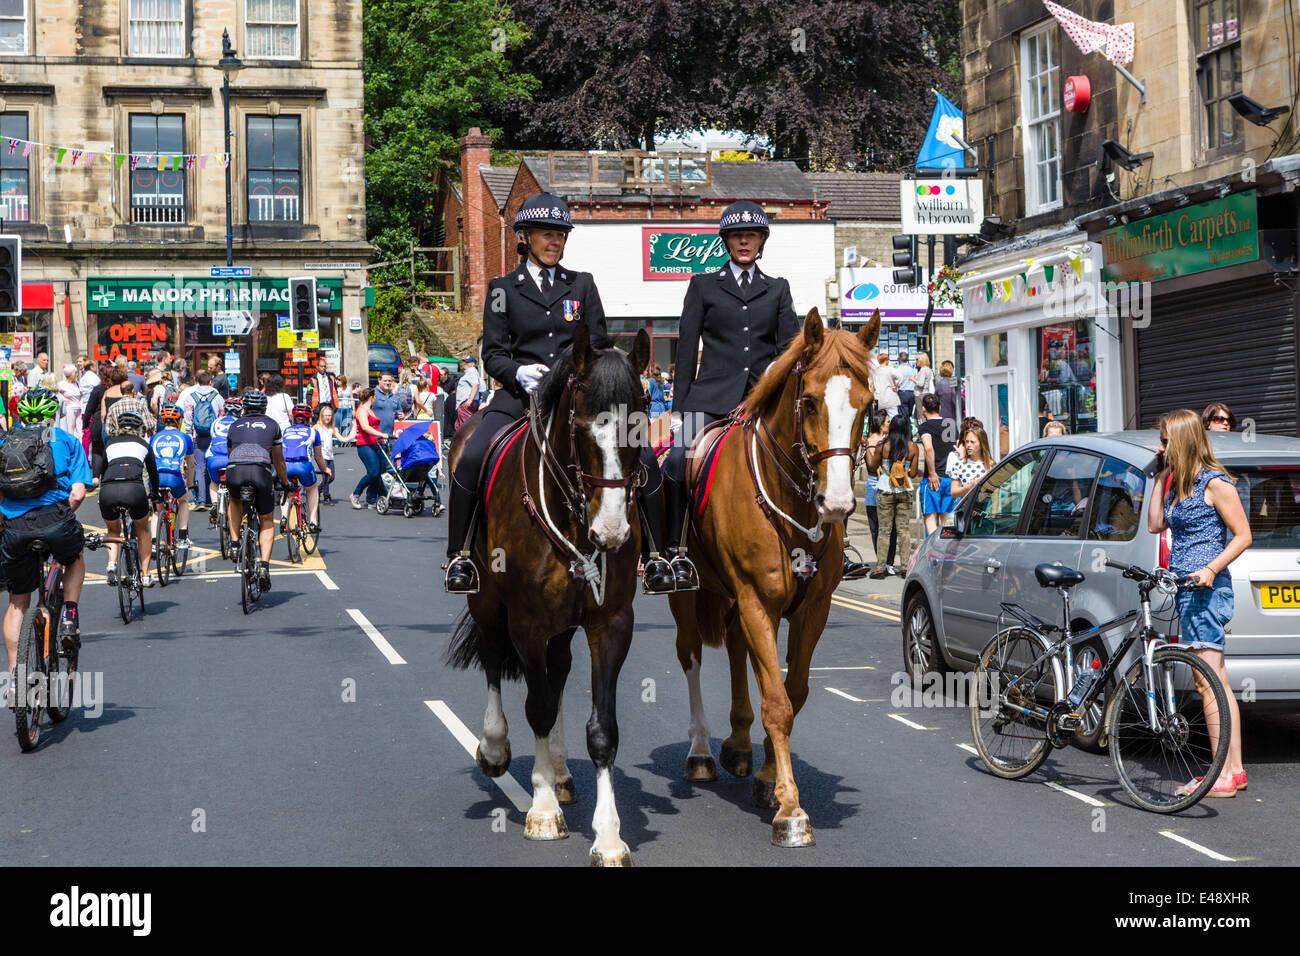 Polizei im Zentrum von West Yorkshire Stadt des Holmfirth montiert, am Tag der Stufe 2 der 2014 Tour de France, Stockbild